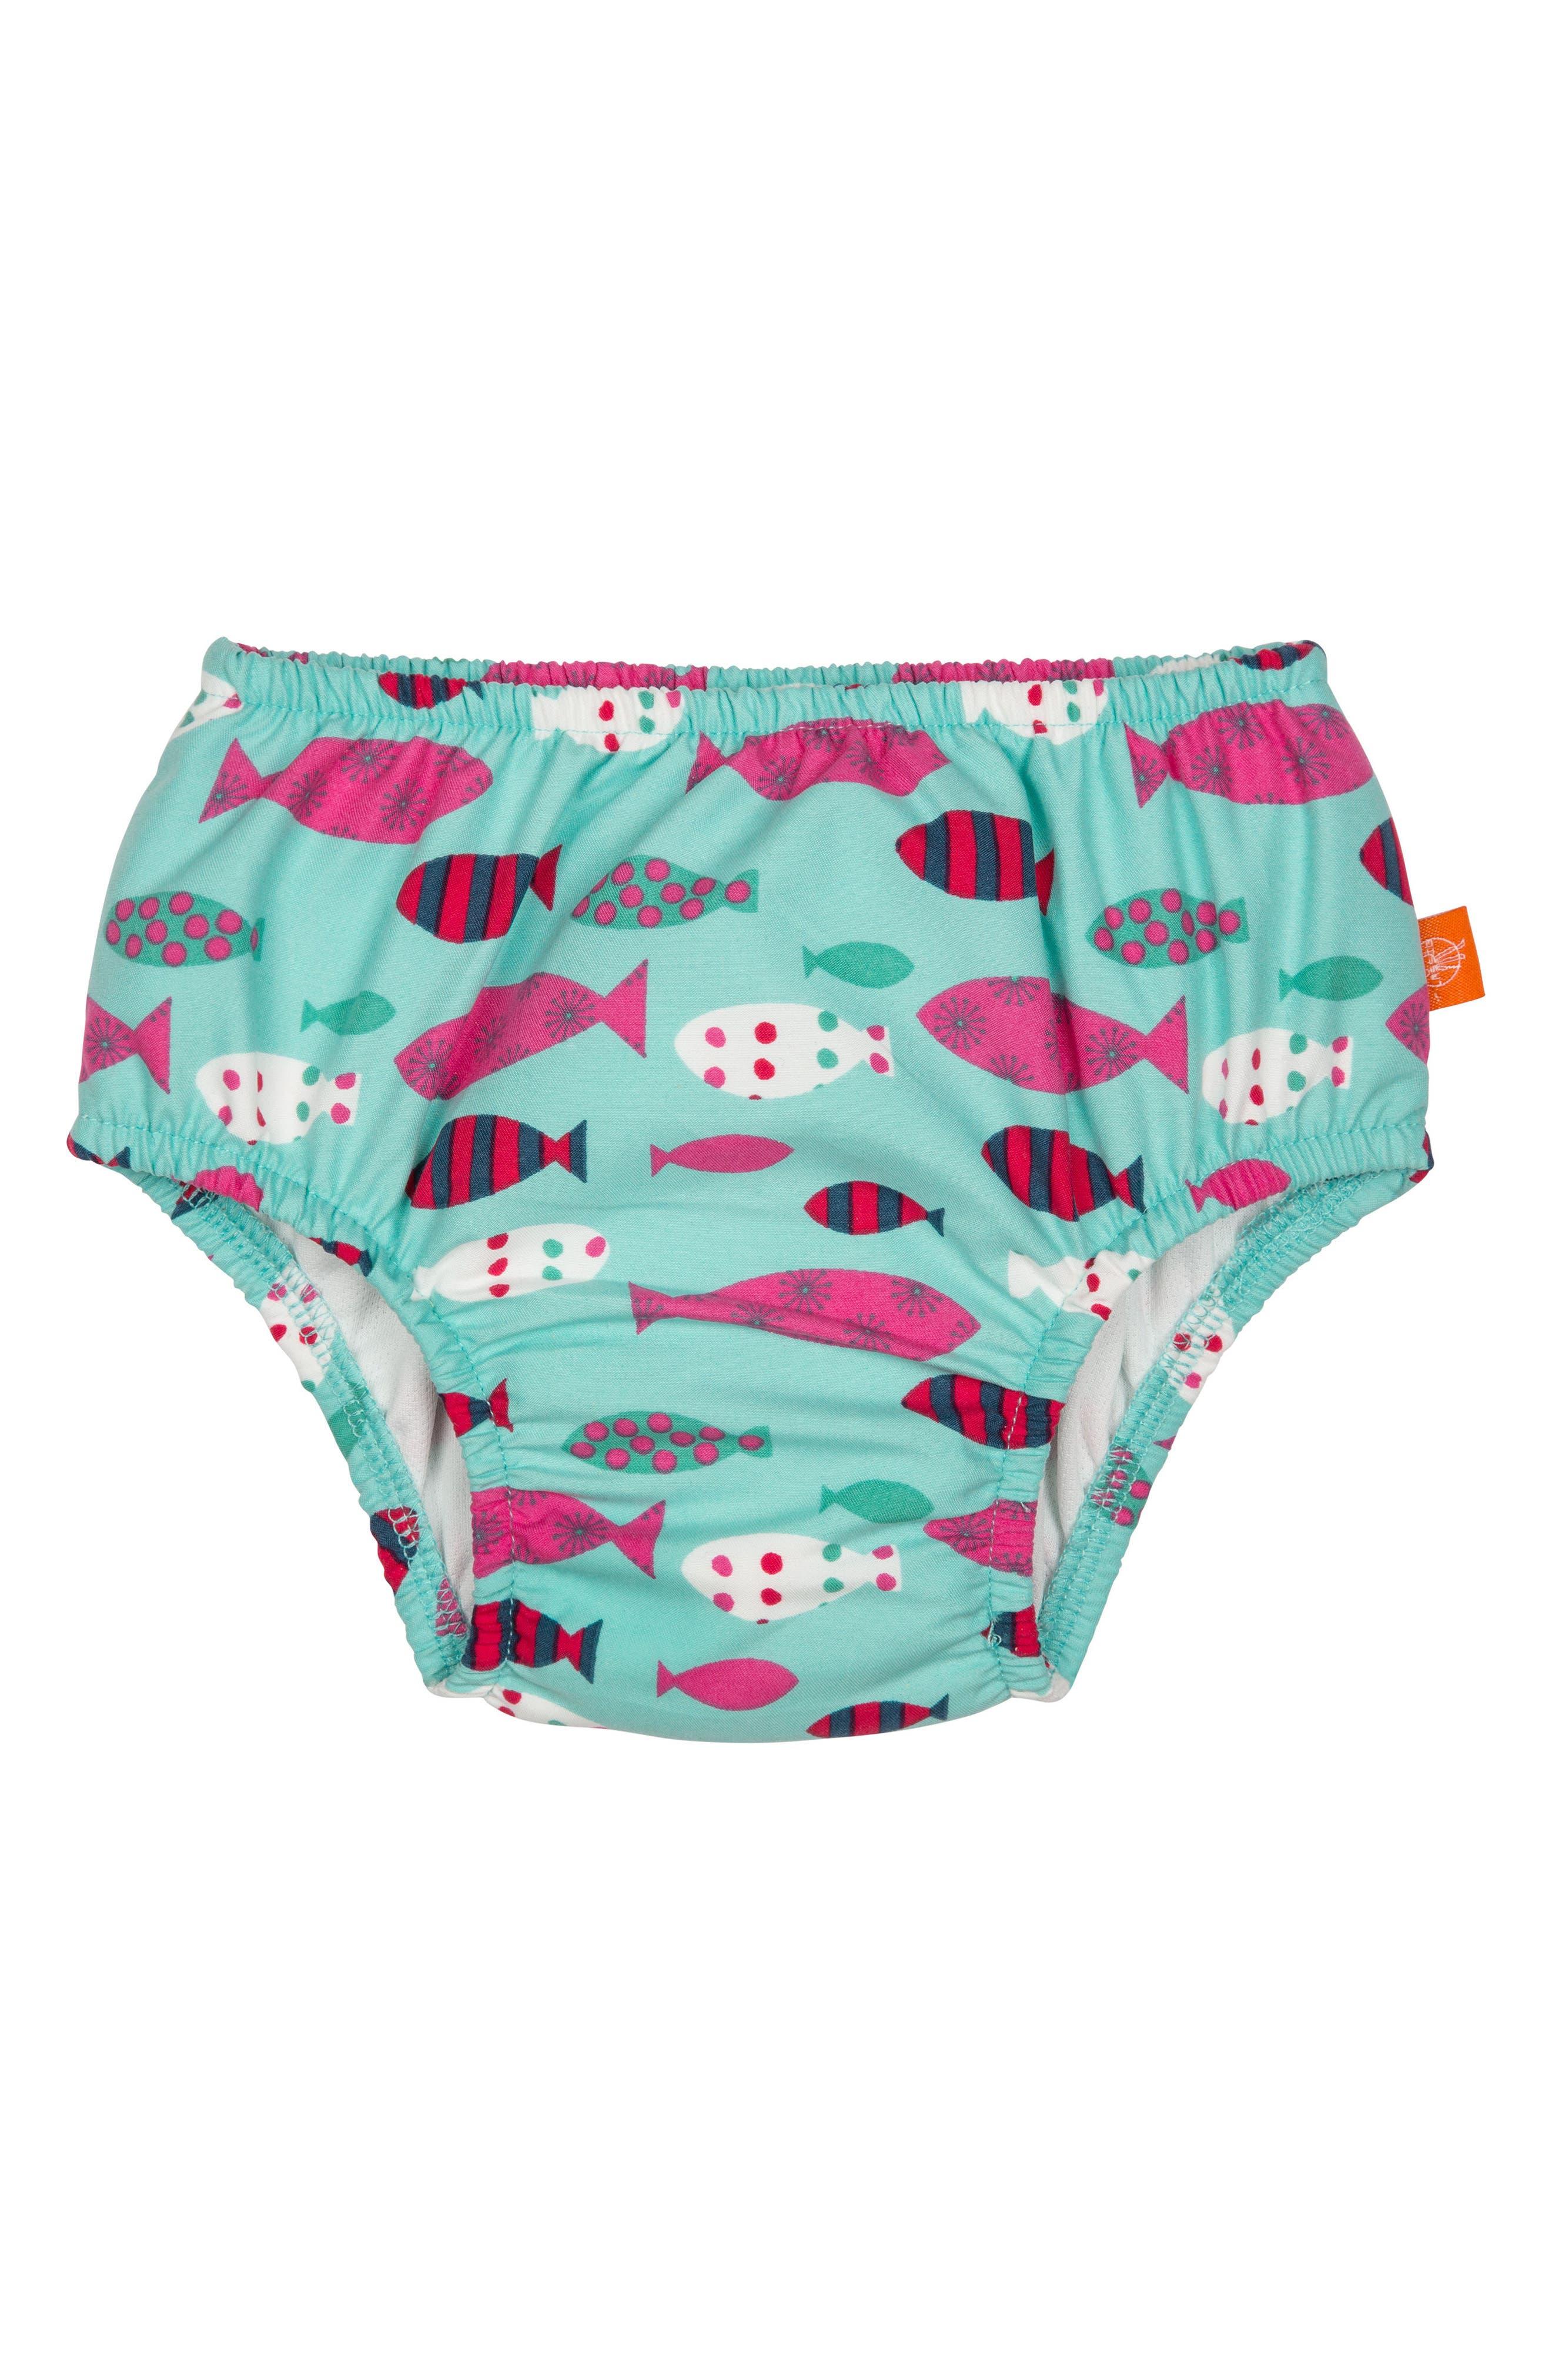 Mr. Fish Swim Diaper Cover,                             Main thumbnail 1, color,                             400